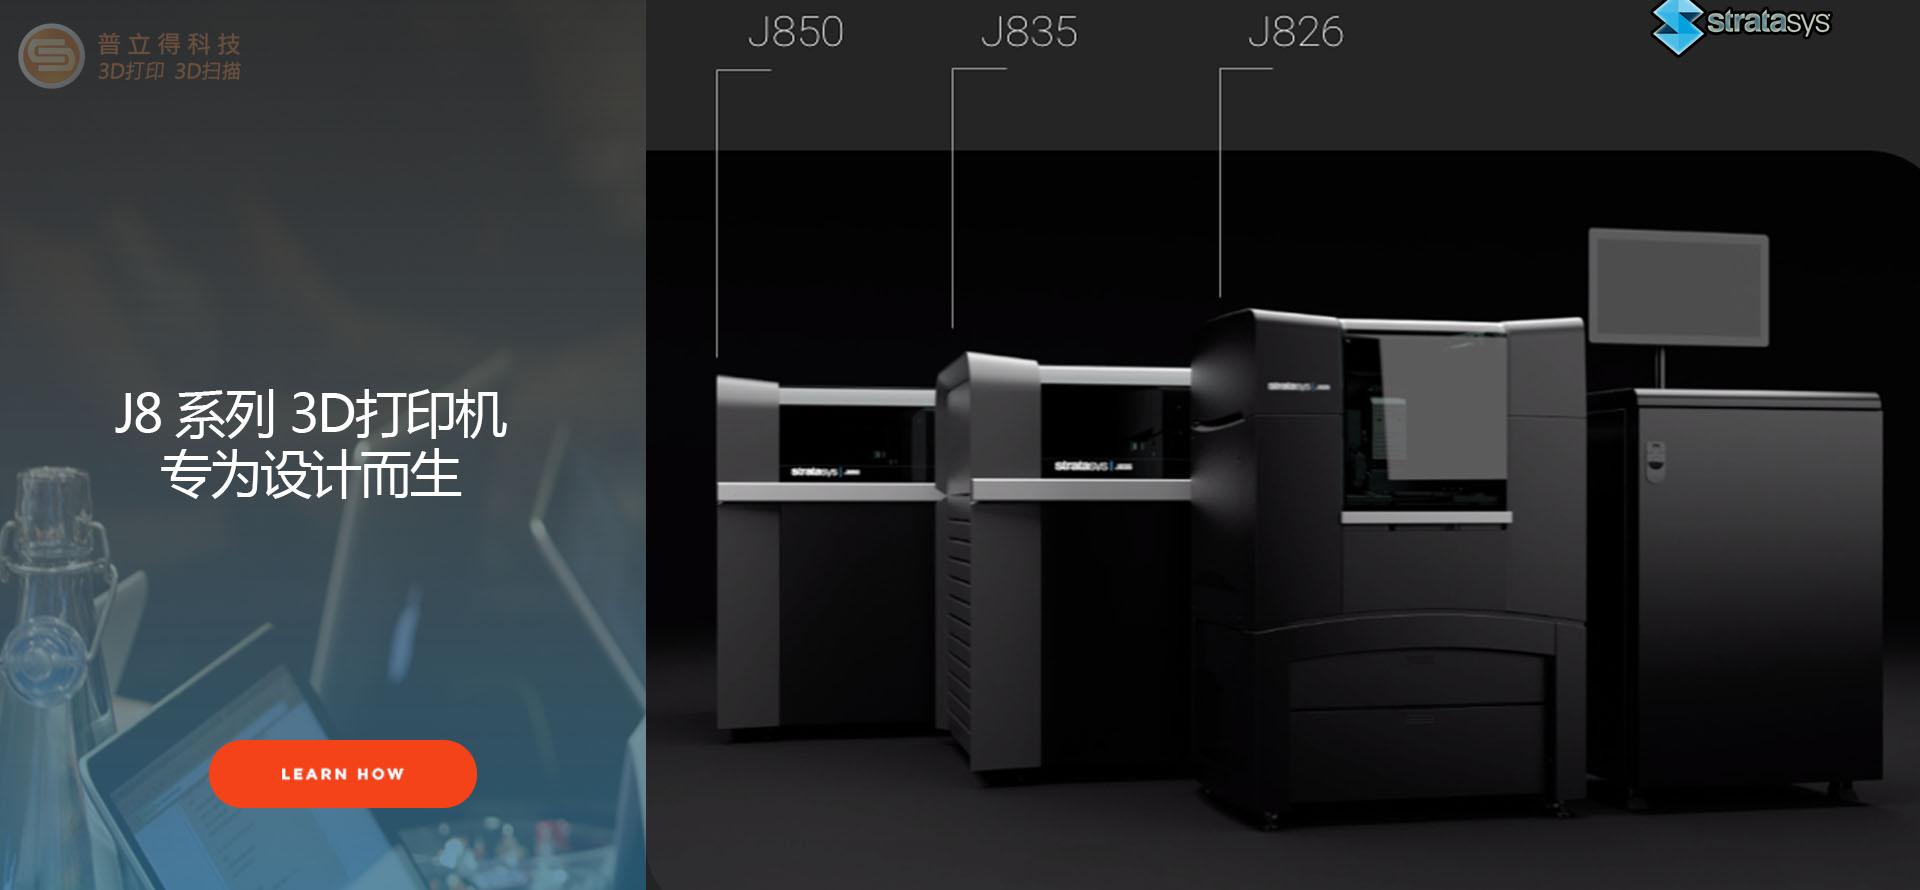 J8 系列打印机